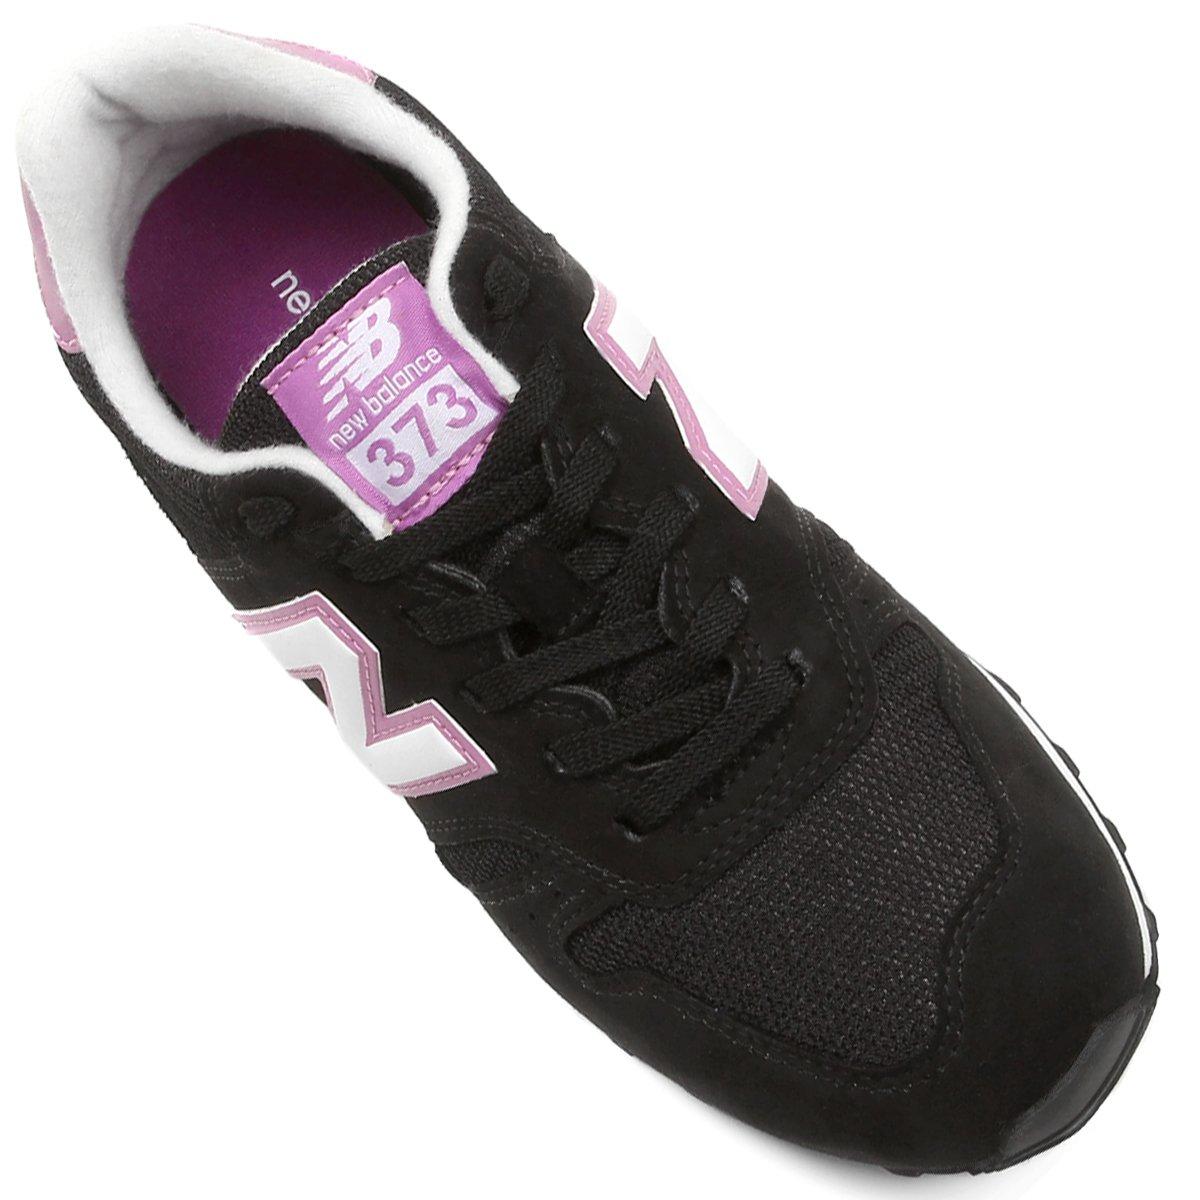 Preto Tênis Balance Tênis e Retrô New Rosa Running New 373 P0xwUqt